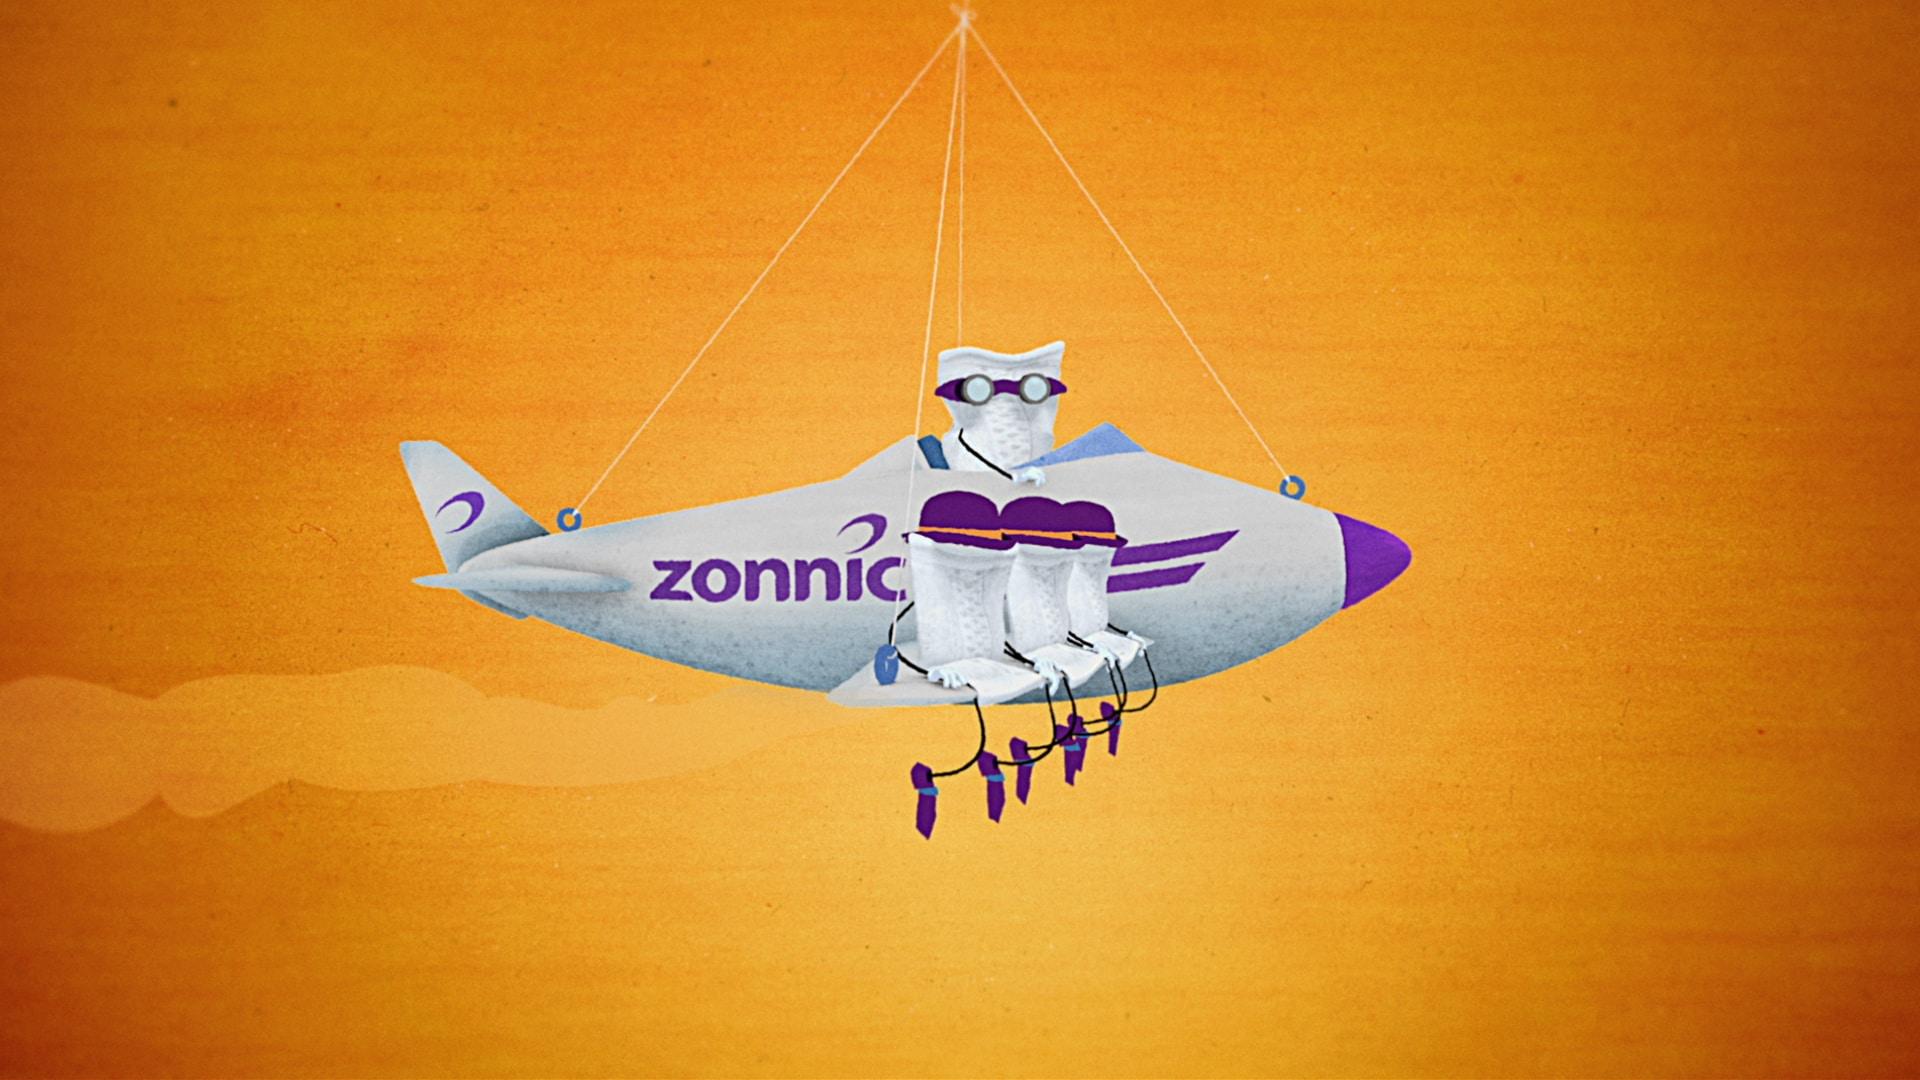 Zonnic flygplan